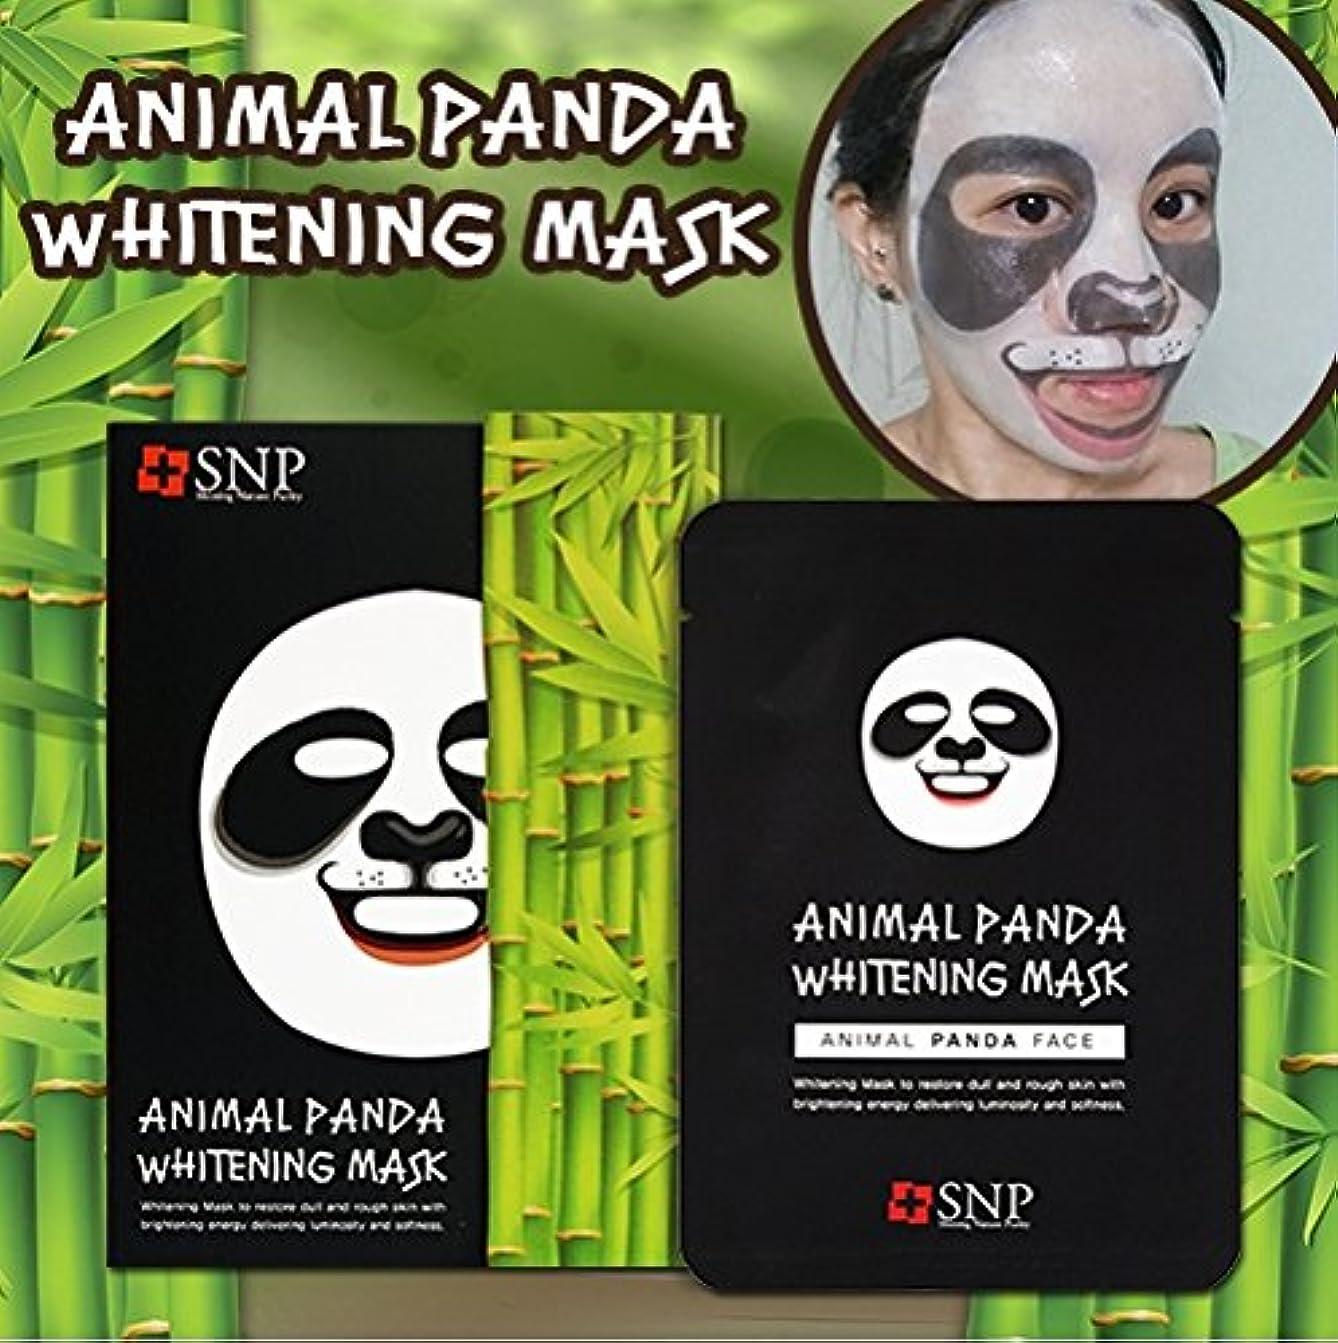 安全なファウル操縦する(SNP)アニマルパンダホワイトニングマスク 灰色がかった肌色の改善10本入[並行輸入品]SNP Animal Panda Whitening Face Mask Pack x10EA